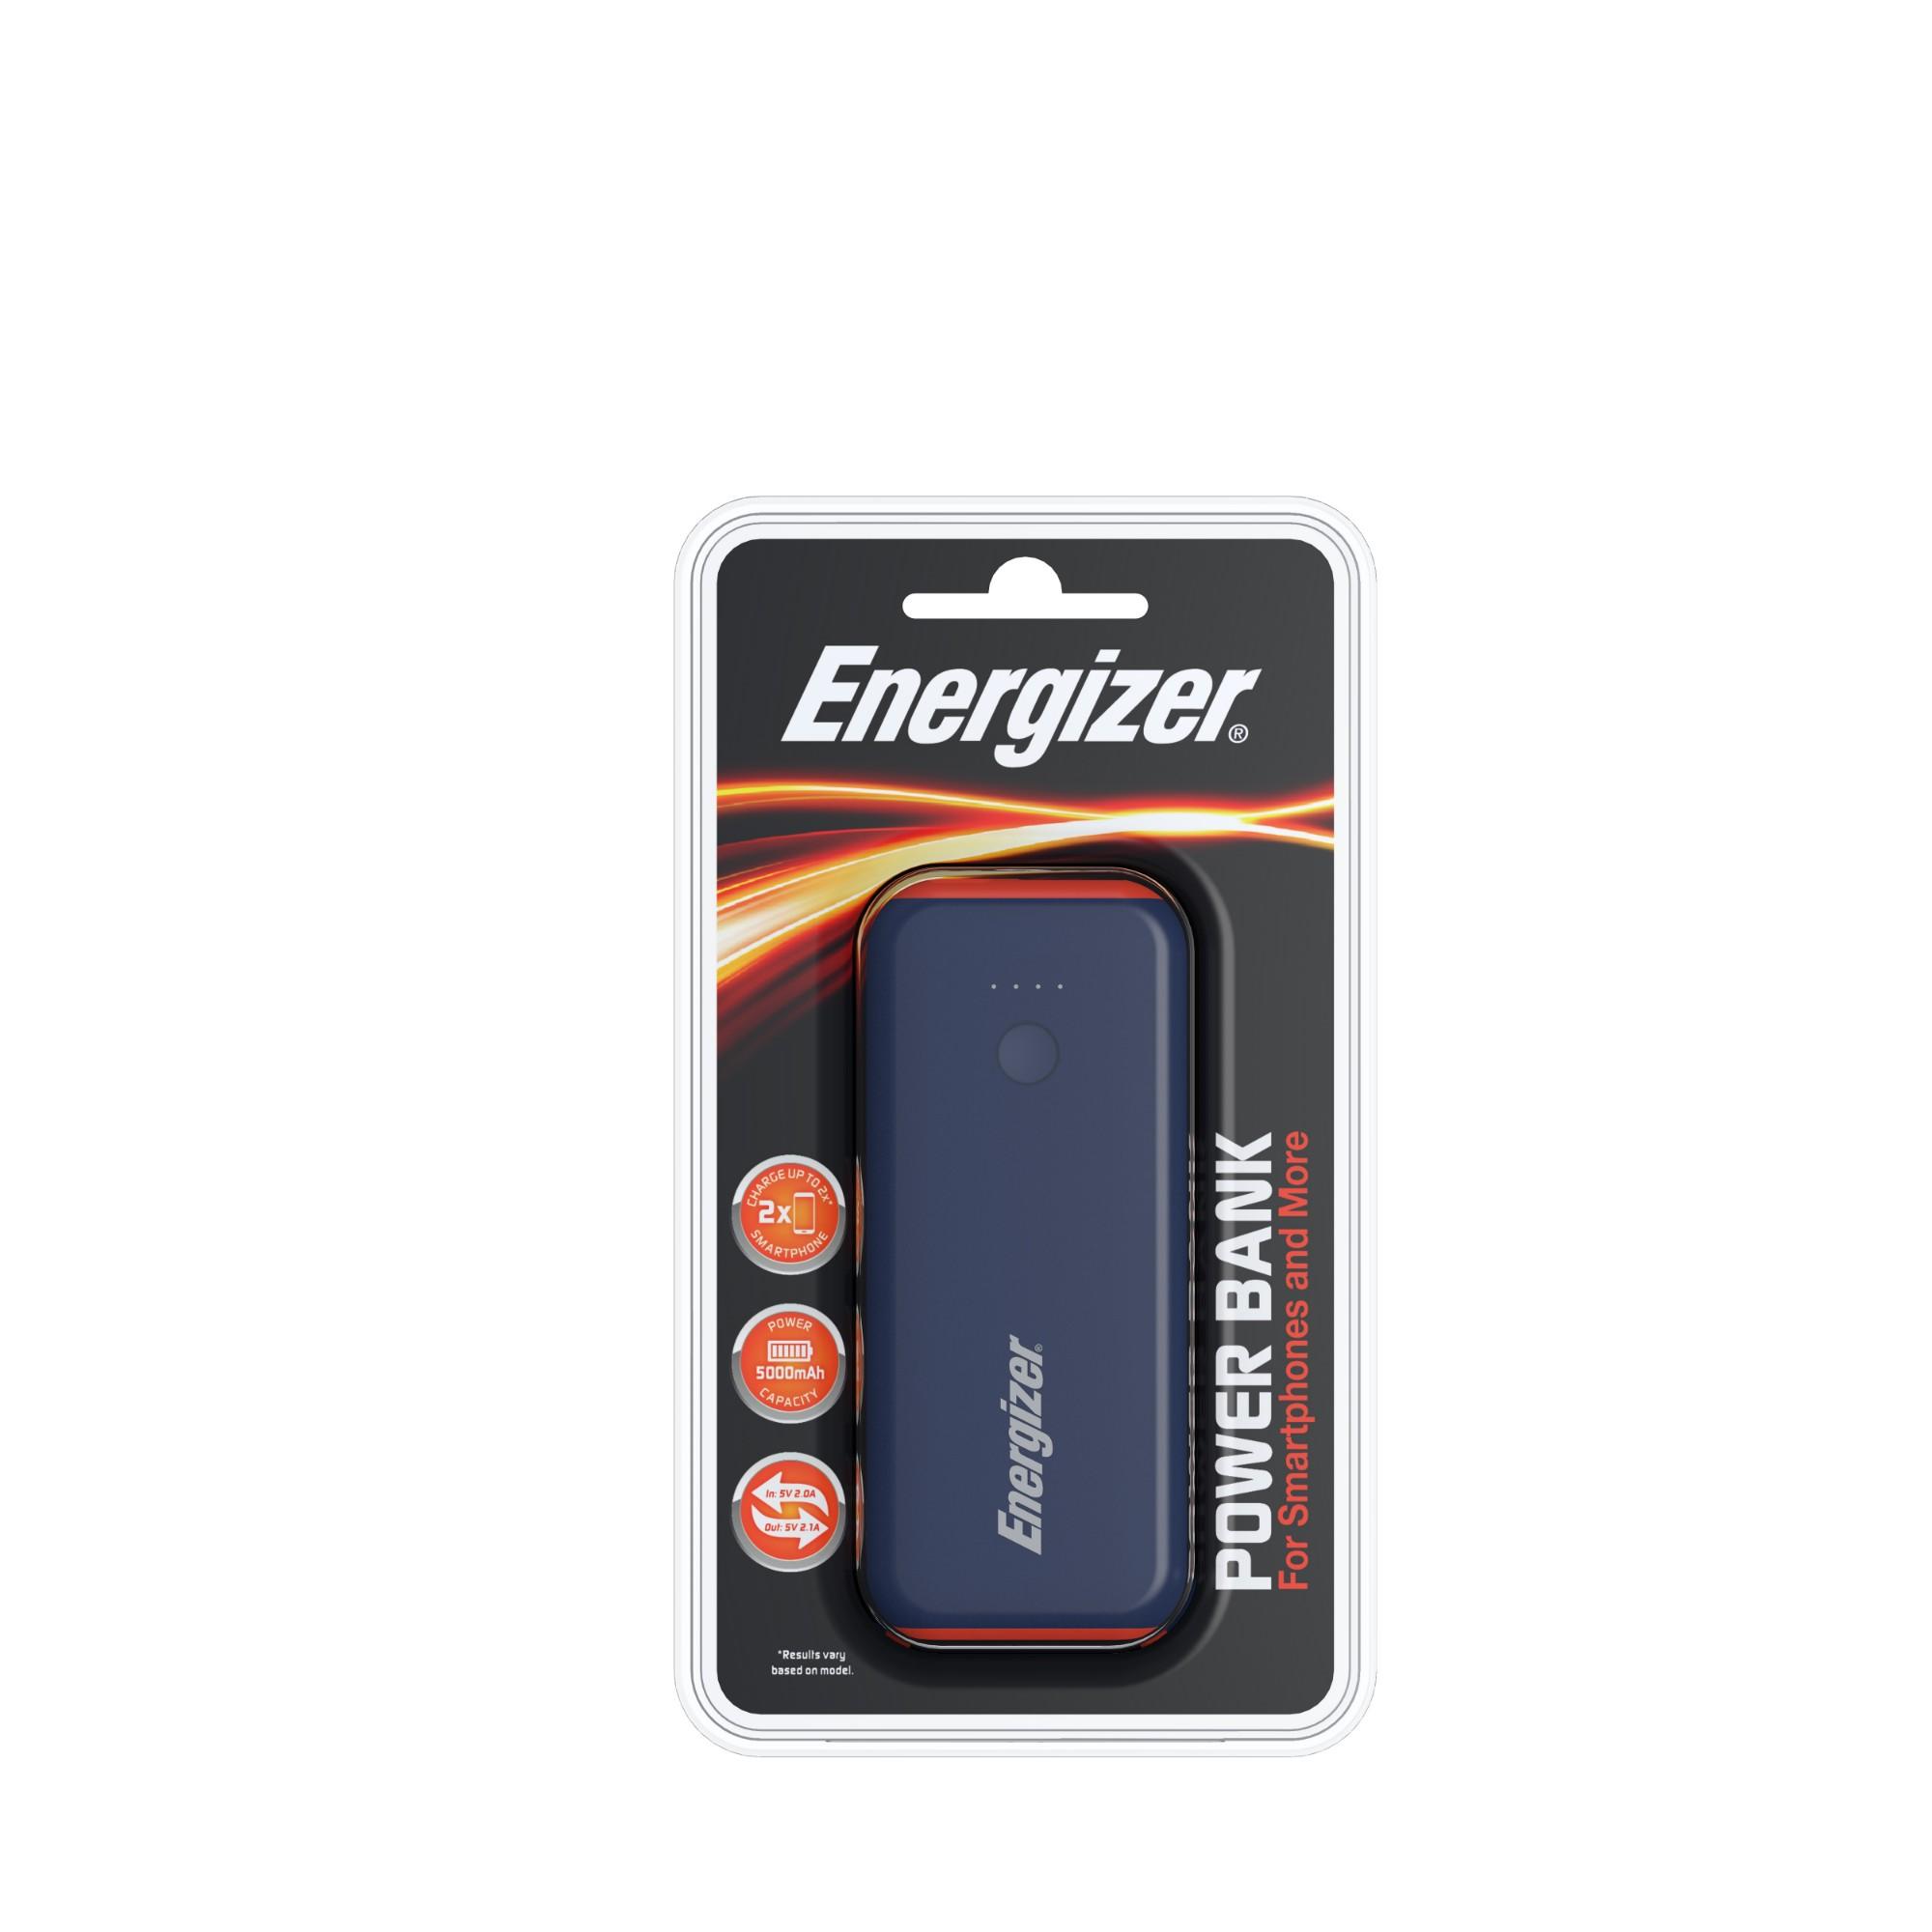 Energizer 5000mAh Power Bank Blue/Orange